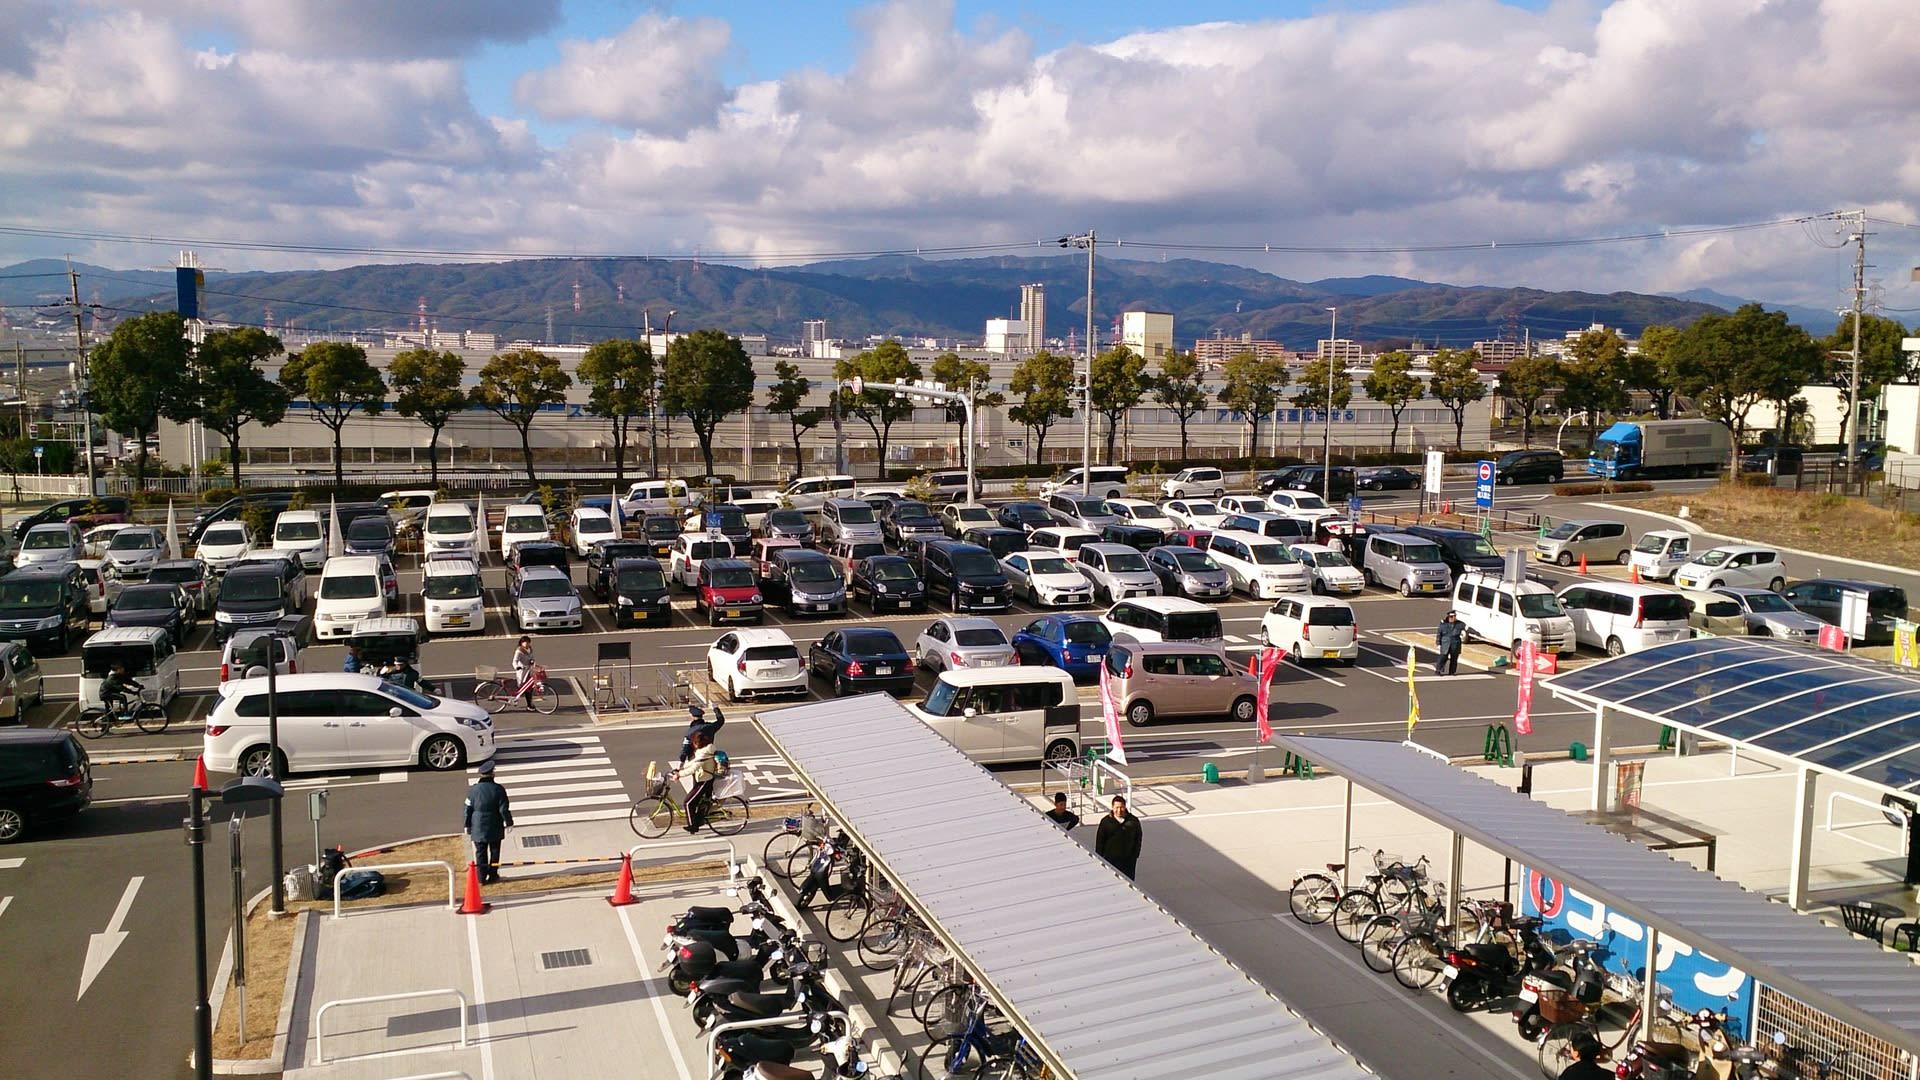 ニトリモール 枚方 駐車場 それほどでも - お山に行こう